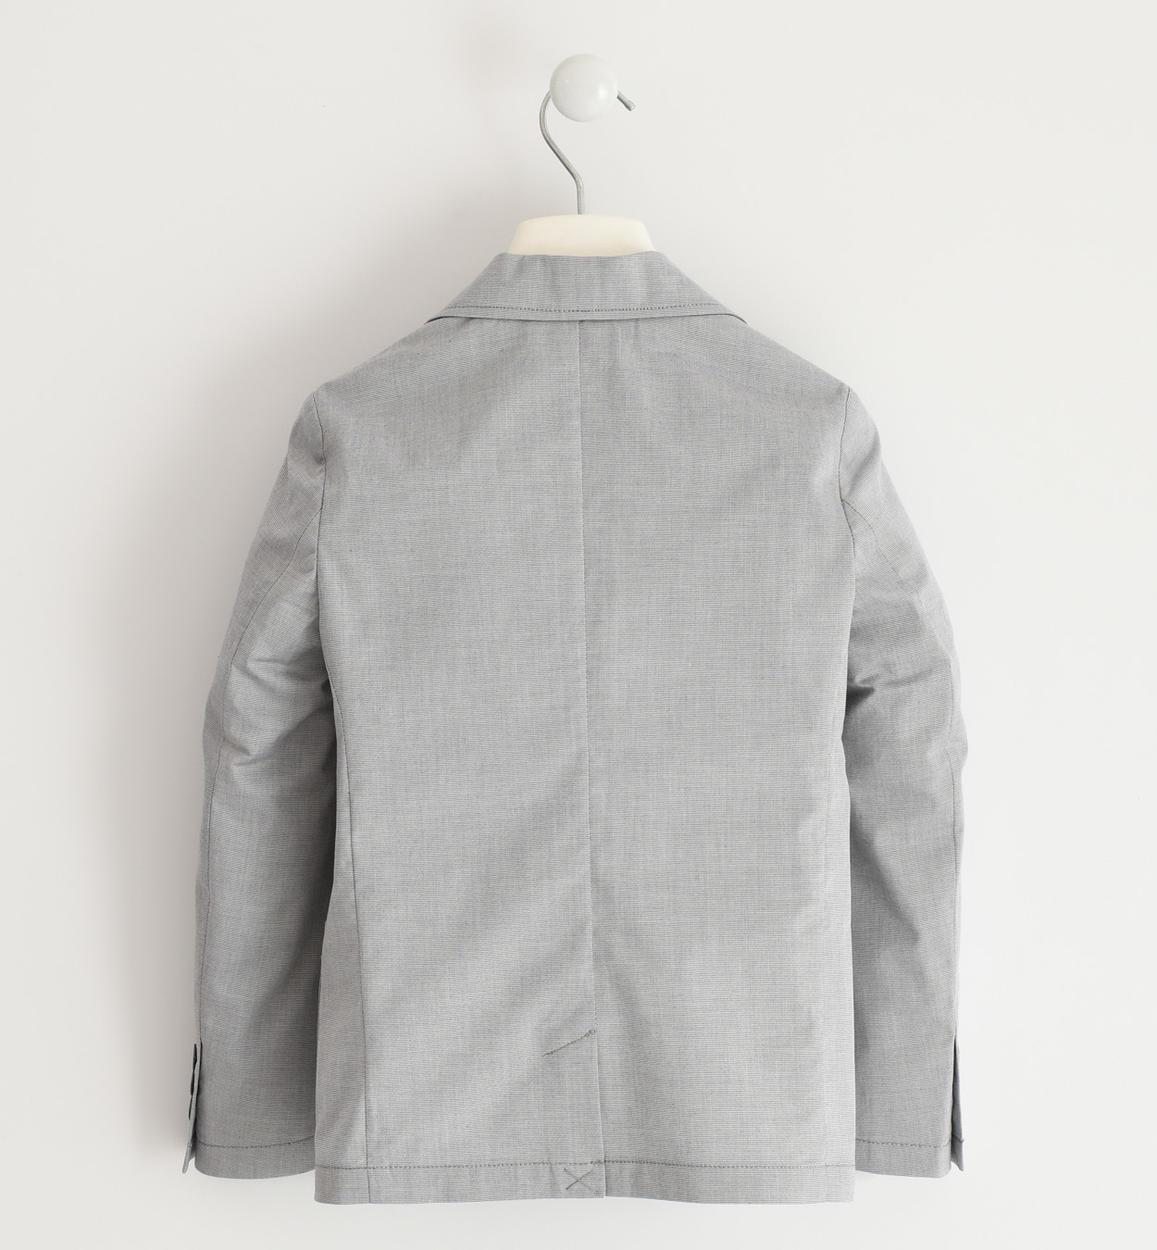 giacca in popeline stretch per bambino d grigio dettaglio 03 2744j46000 0516 150x150